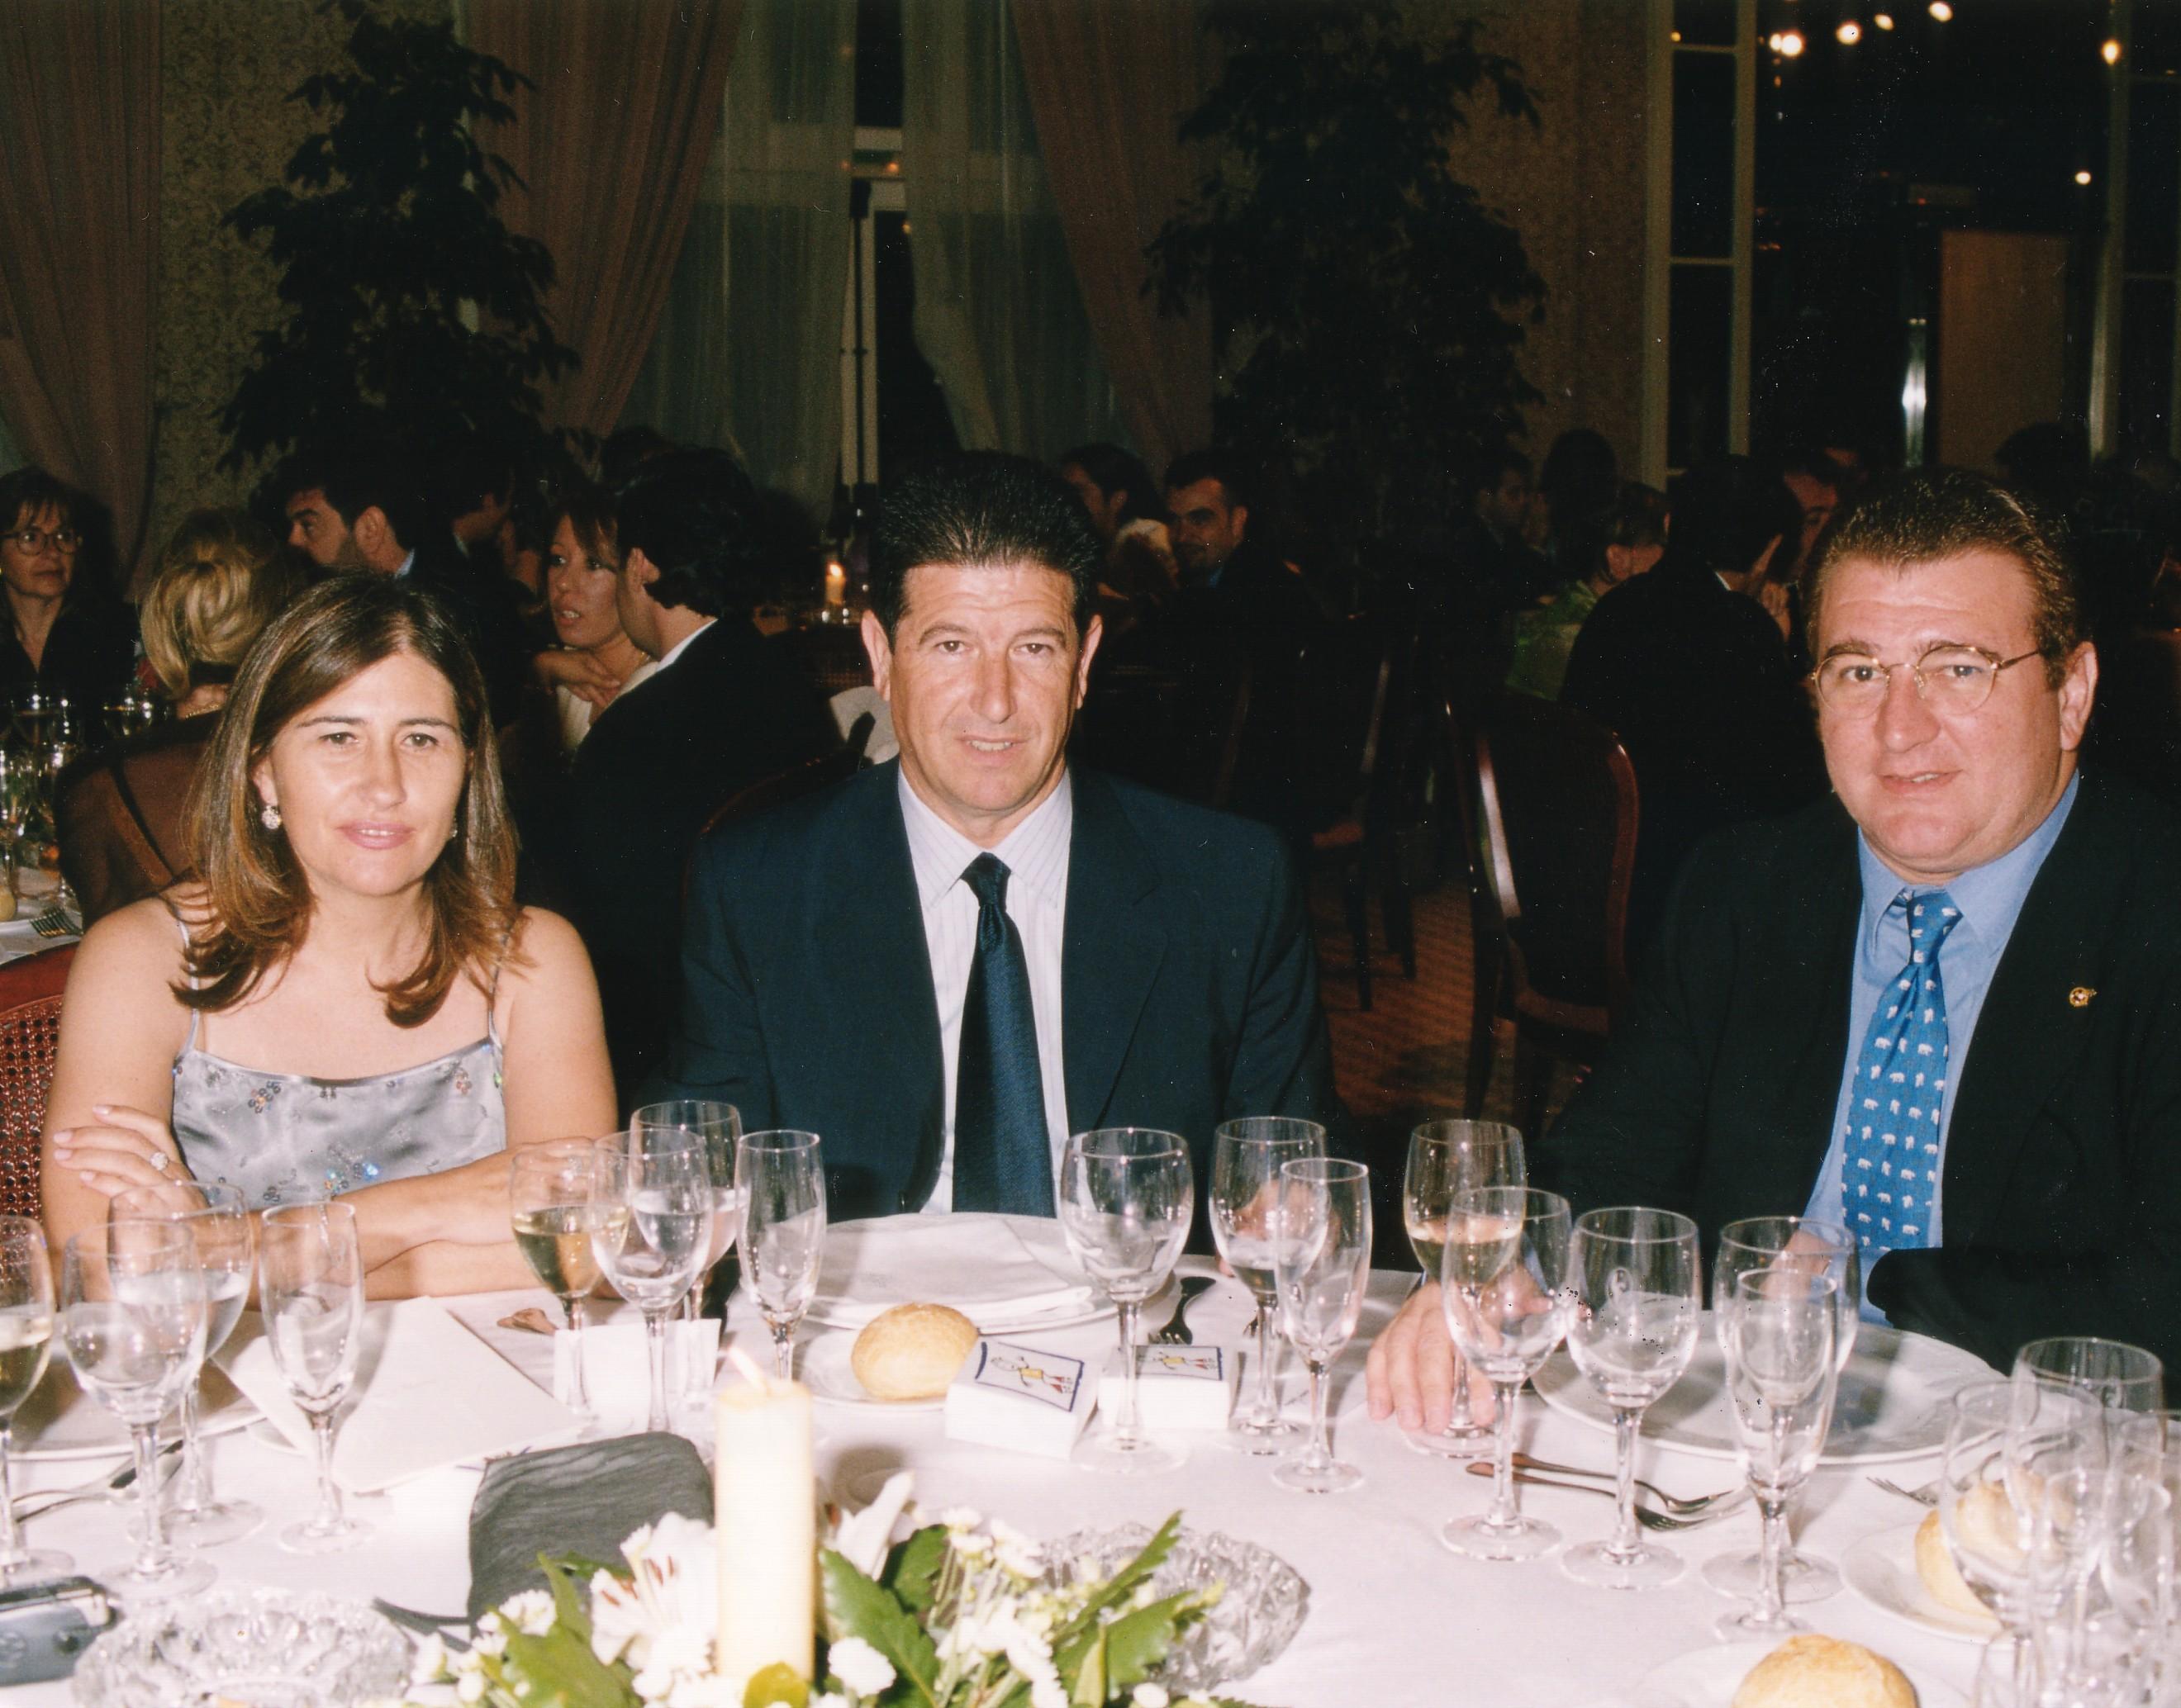 Con Jaime Ortí, presidente del Valencia y su esposa en la boda de Marisa y Nacho Cotino, compañero y amigo.